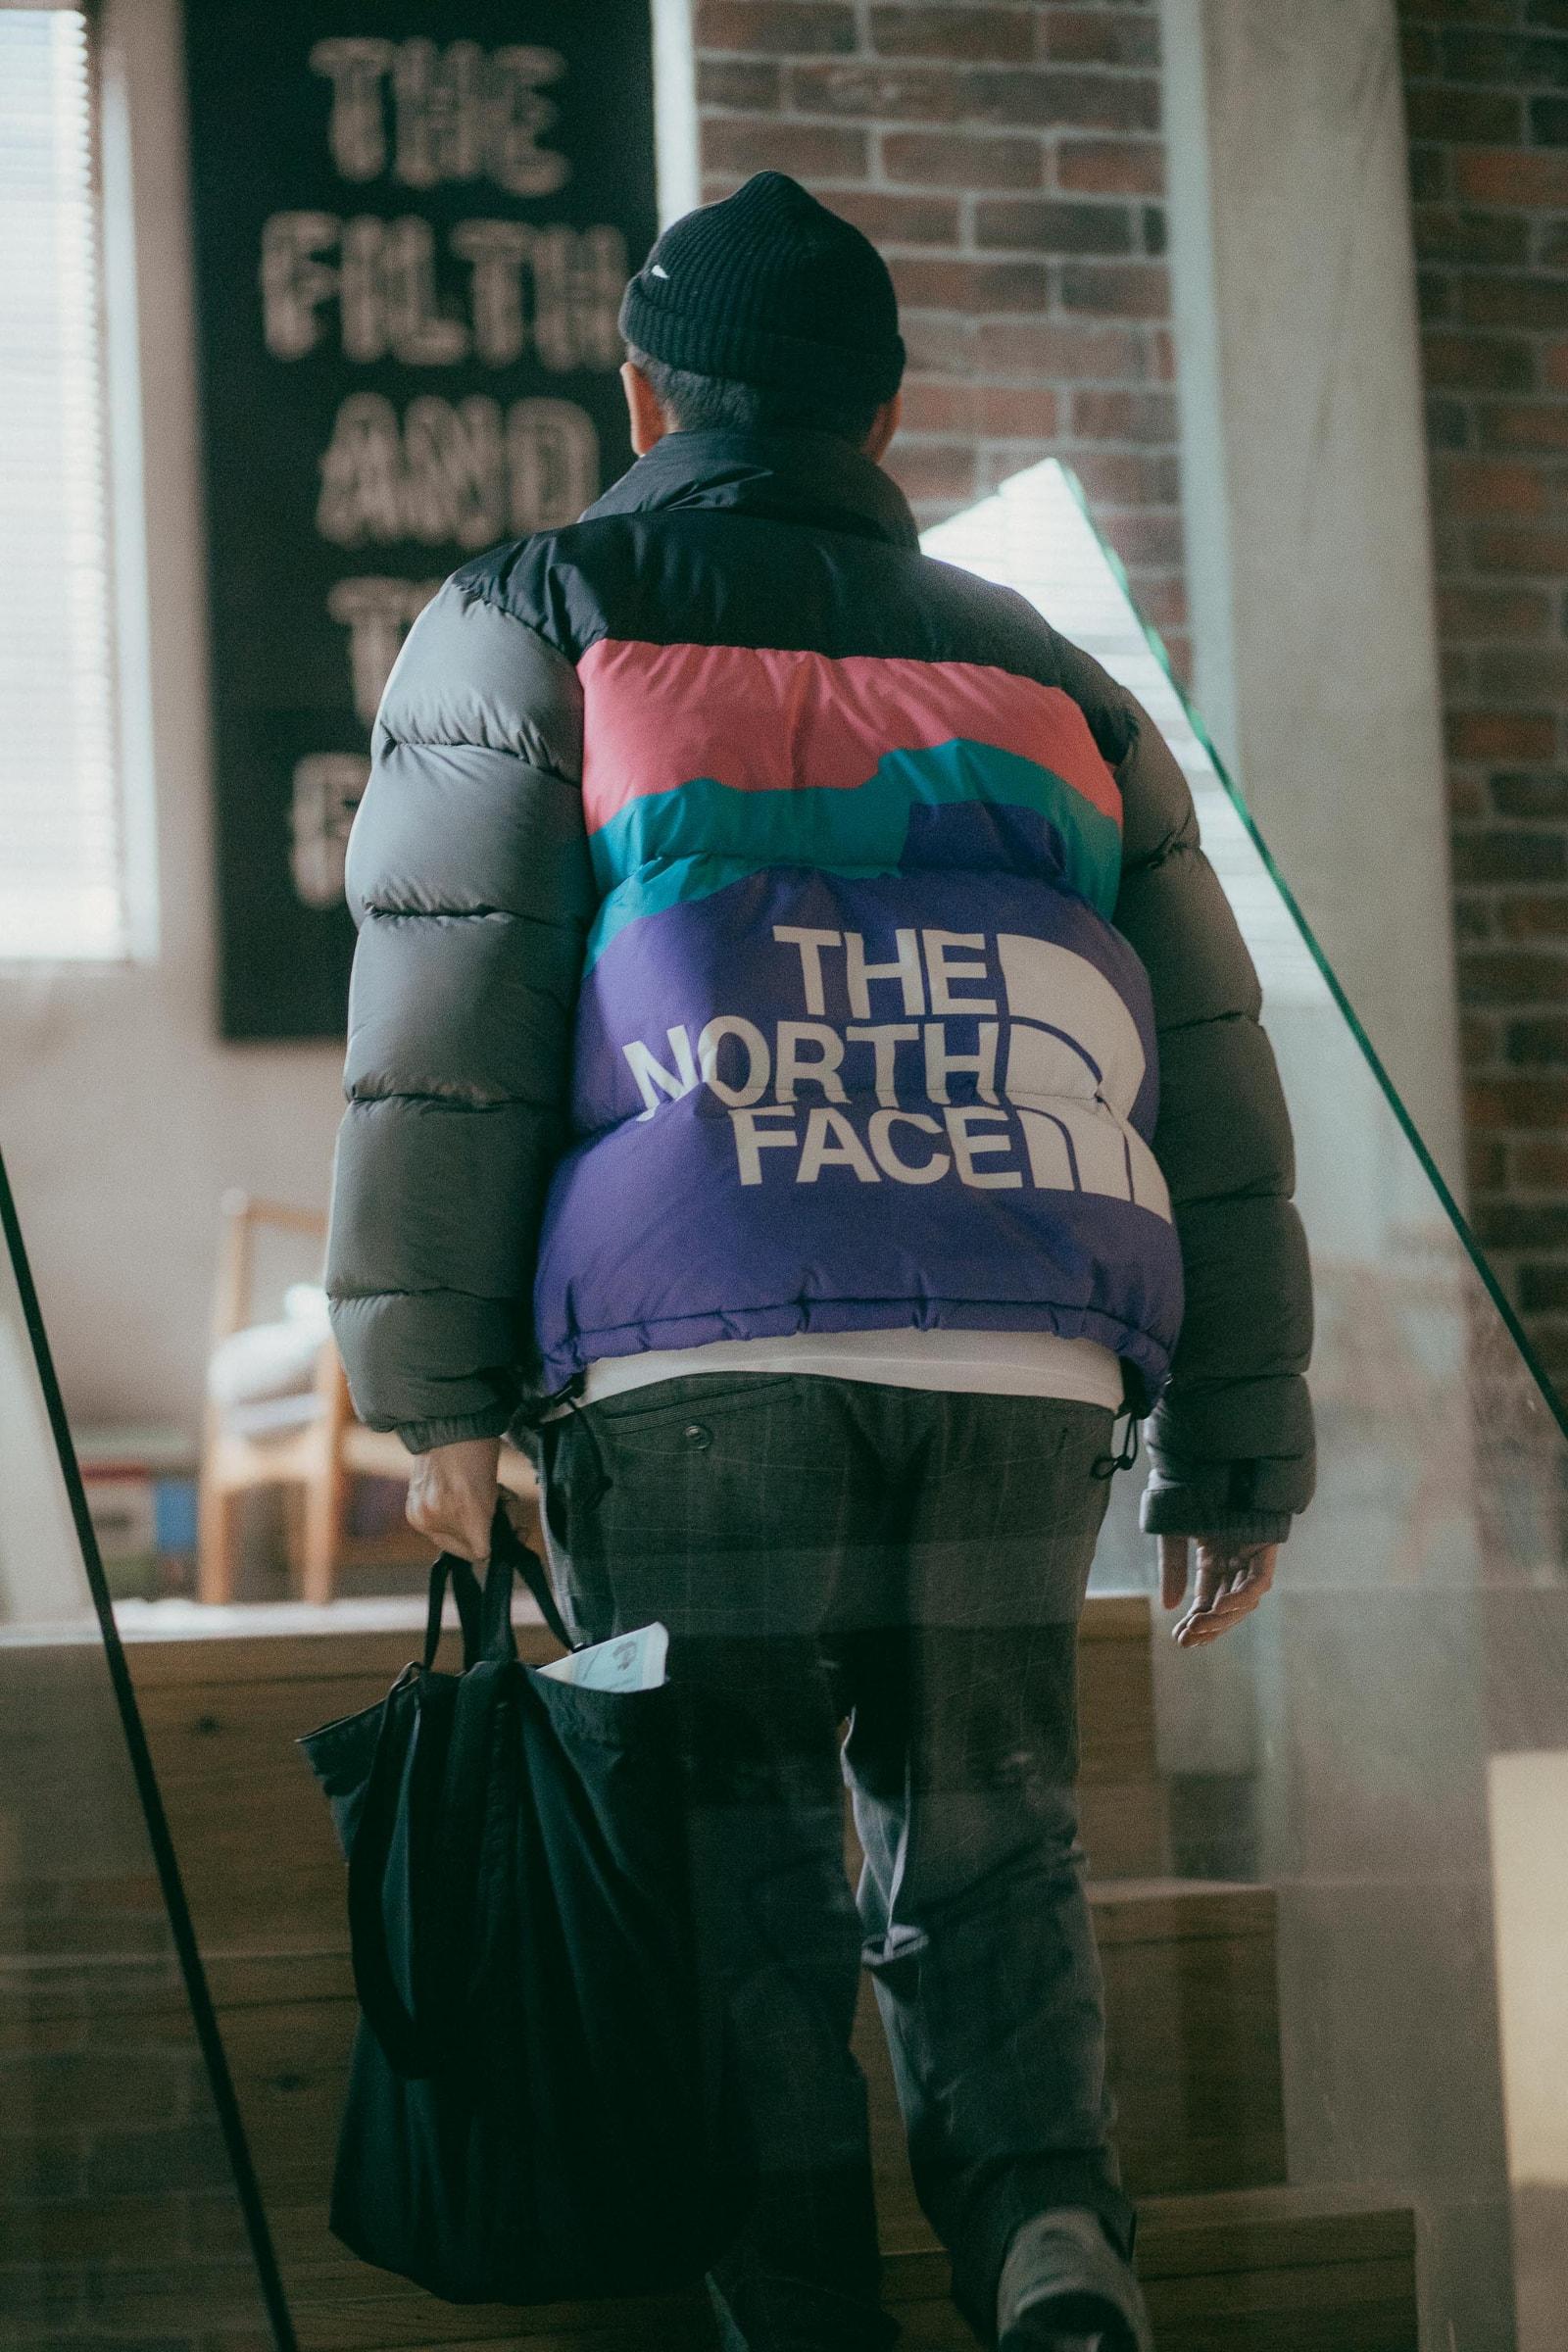 专访 INVINCIBLE 主理人 Jimmy Wu:谈及与 The North Face 再度联名的幕后故事